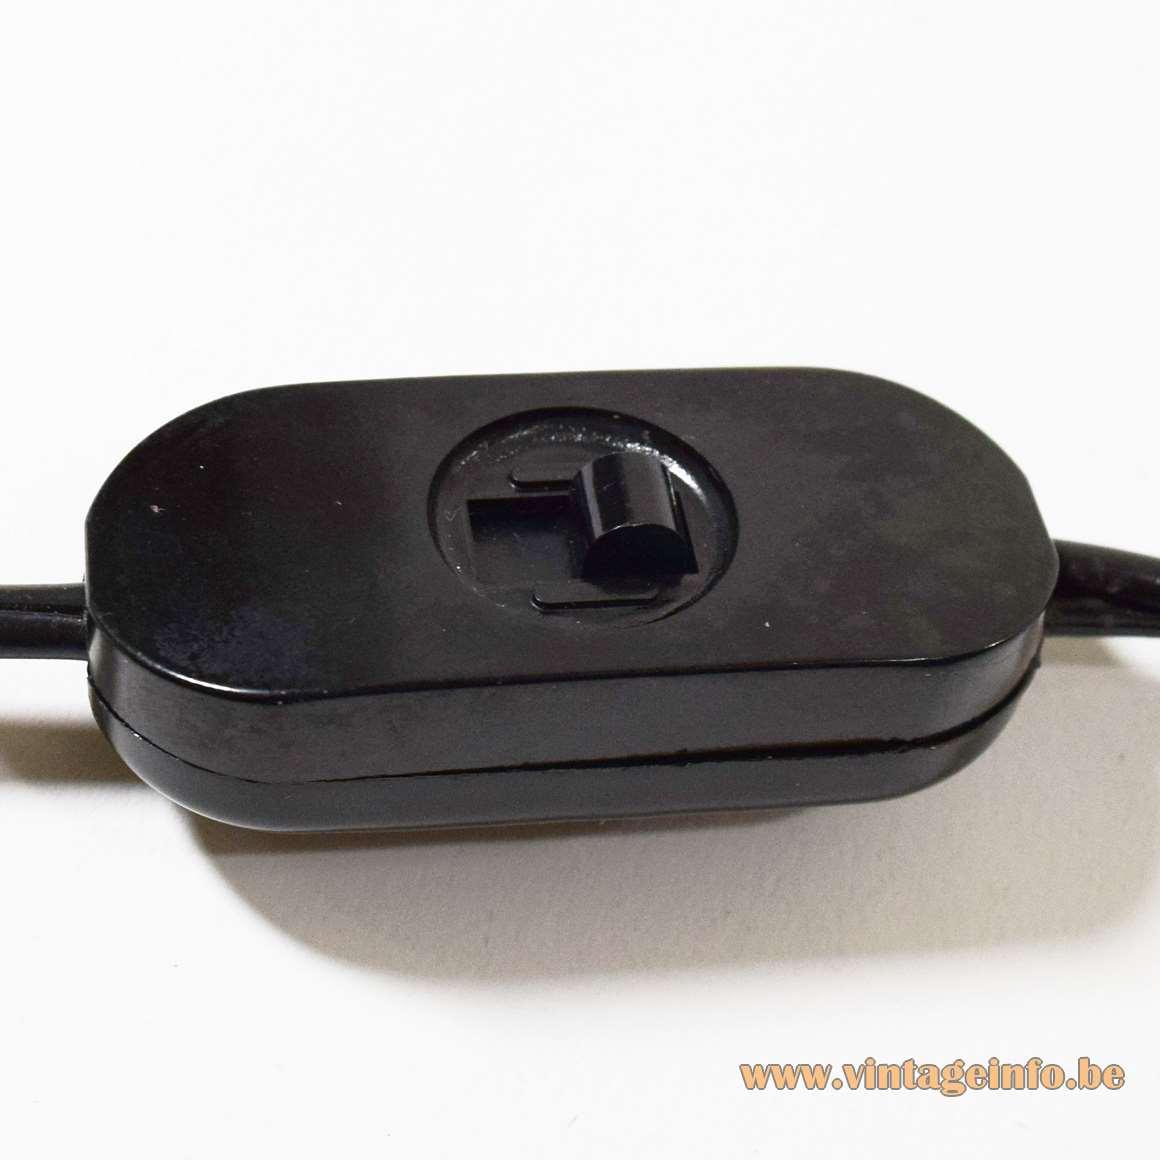 Stilnovo Lampiatta Table Lamp - VLM Compenents switch 450, design Achille Castiglioni